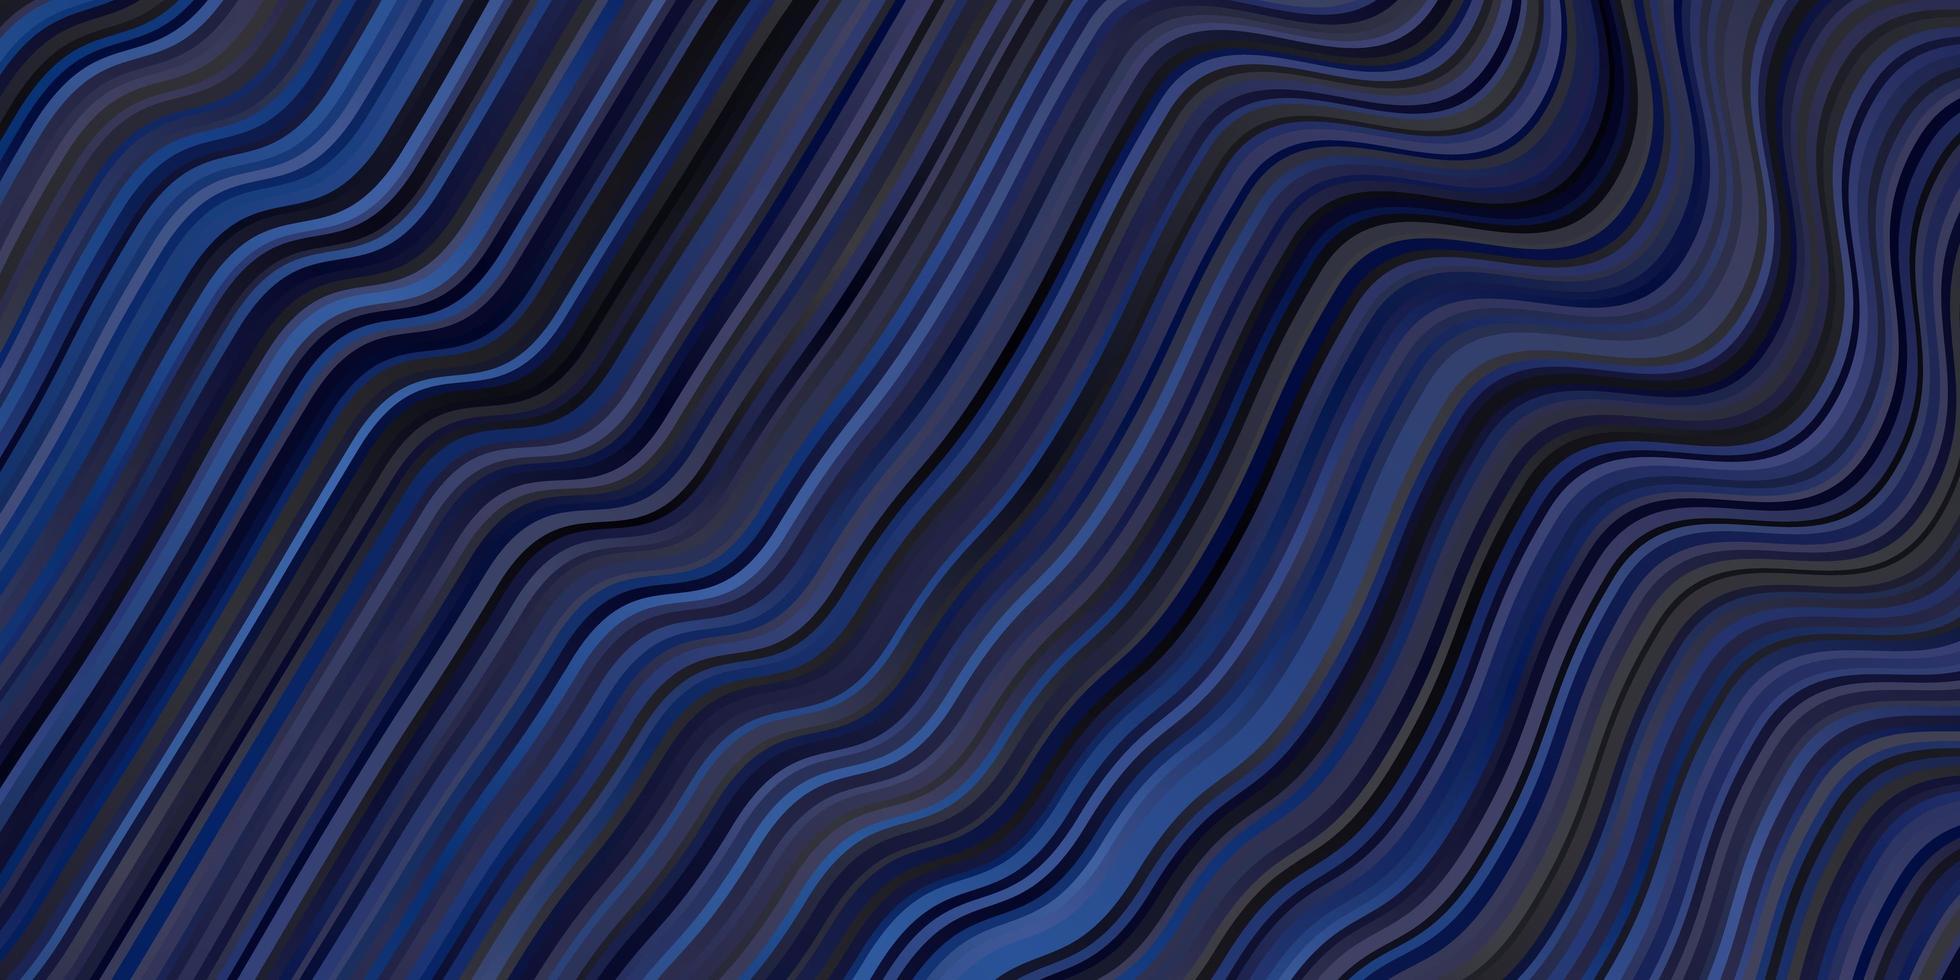 Telón de fondo de vector azul oscuro con arco circular.